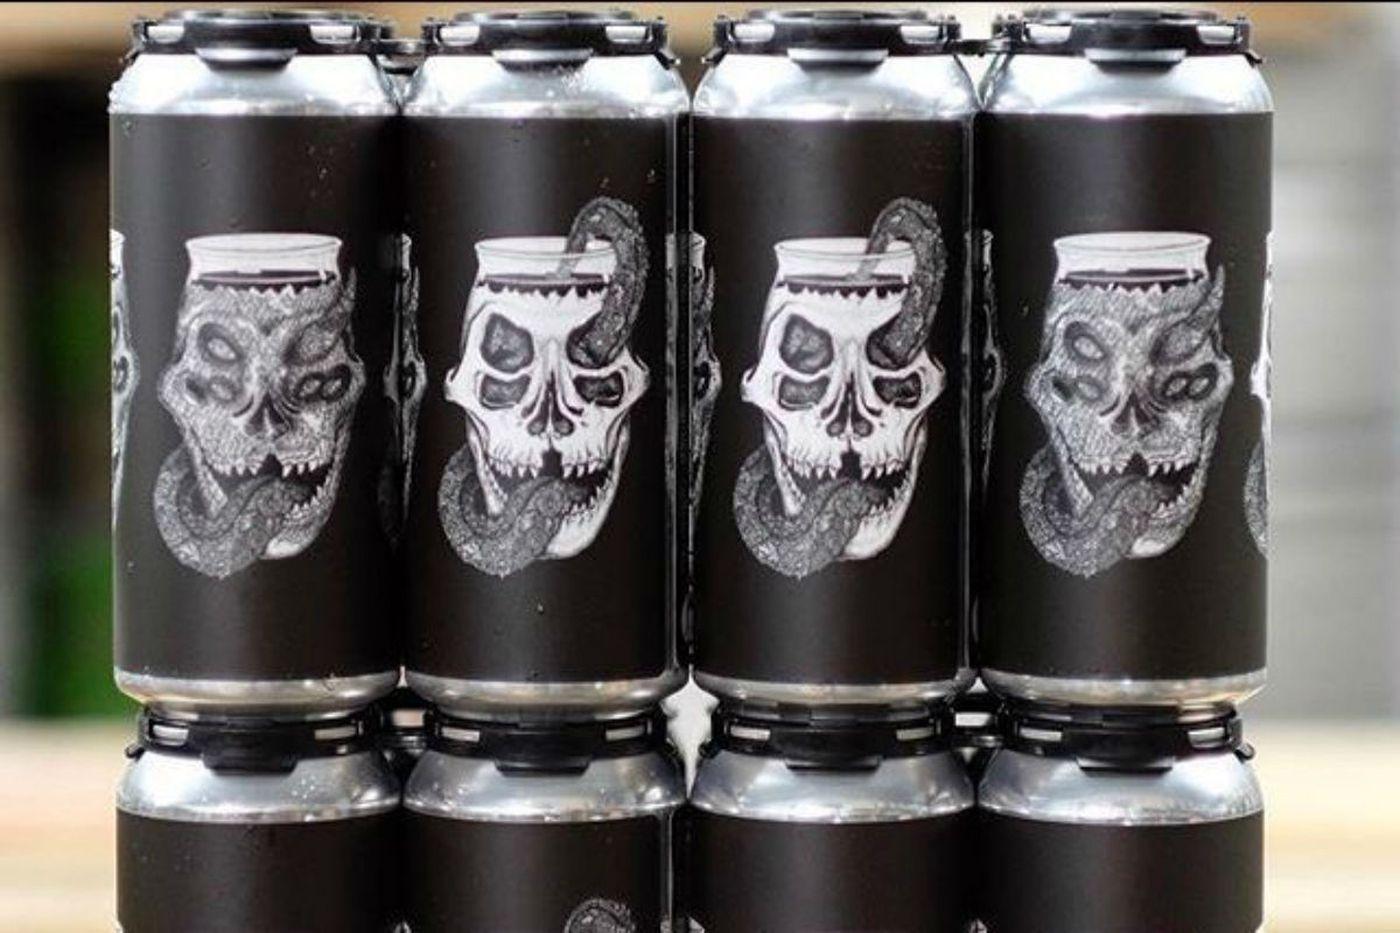 Tired Hands' Philly beer garden opens tonight